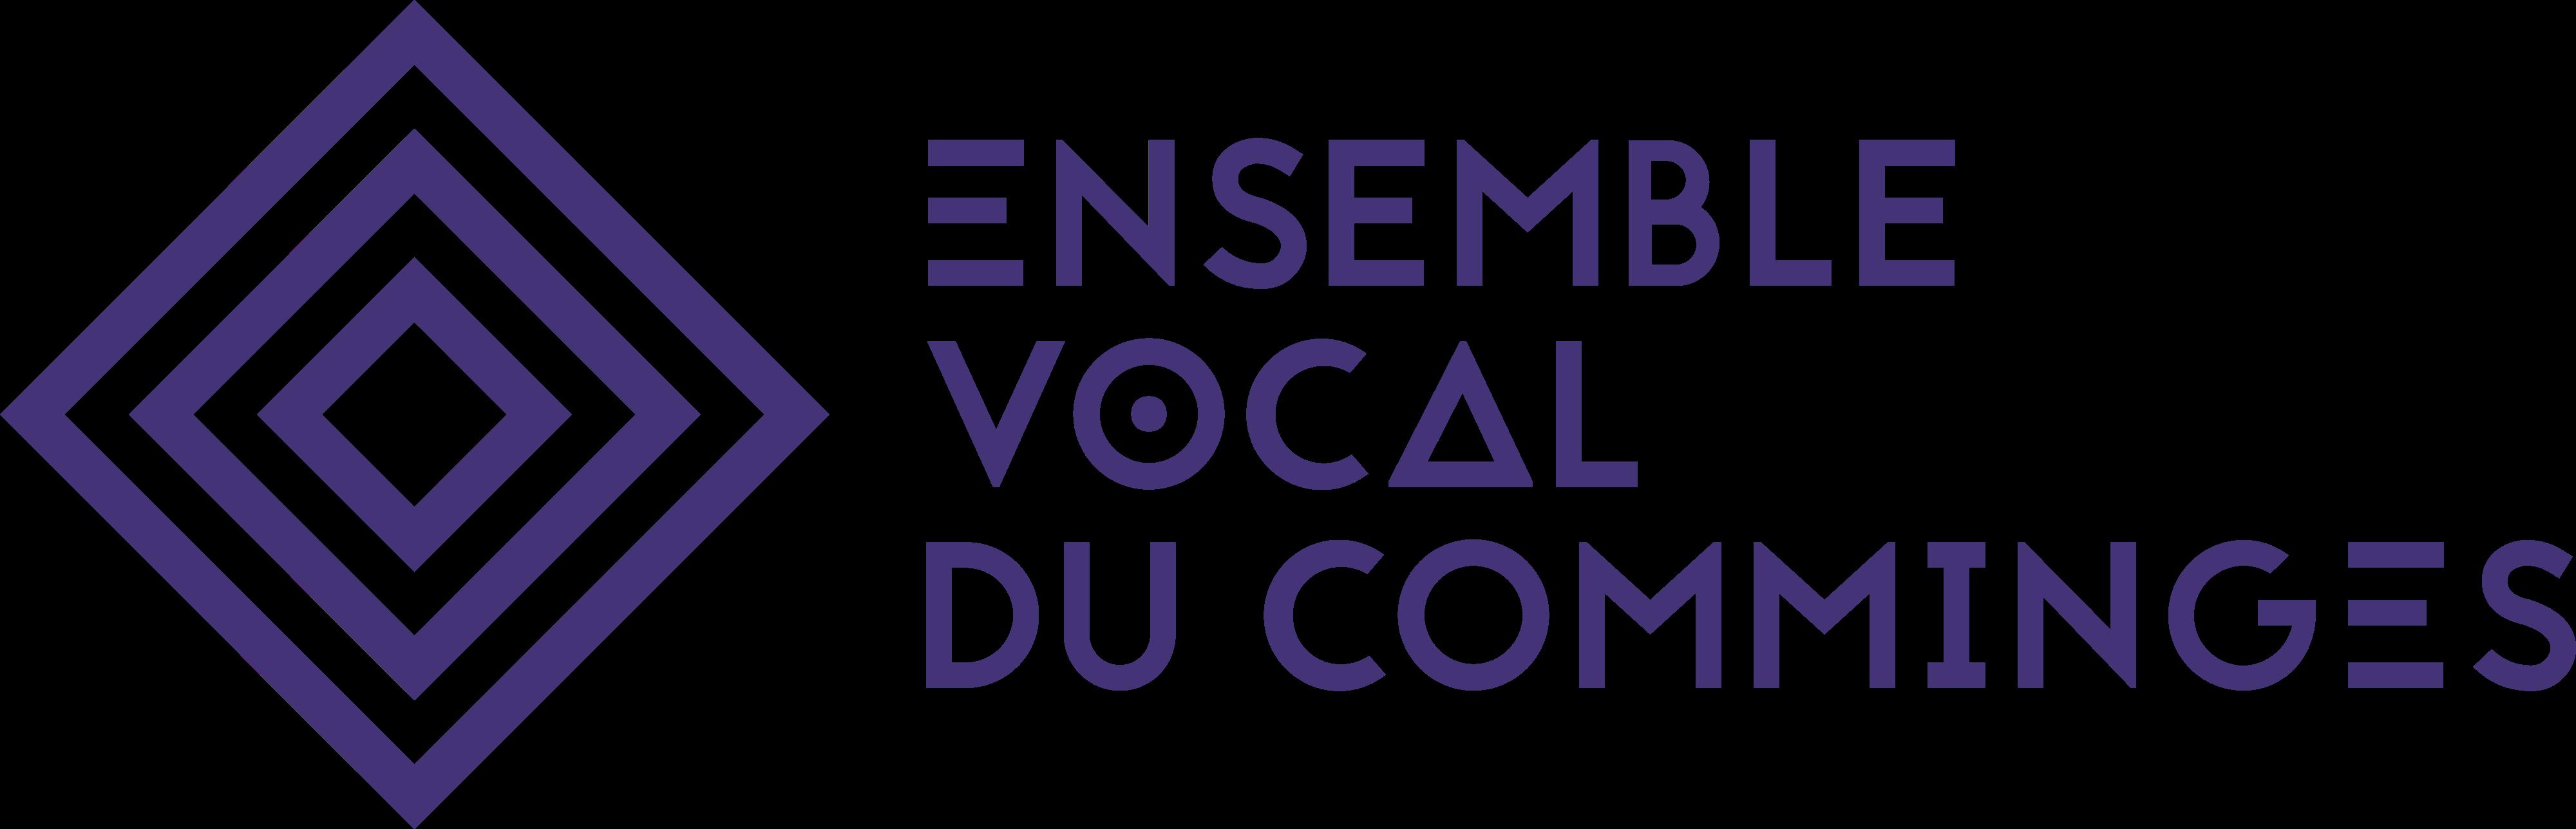 Ensemble Vocal du Comminges